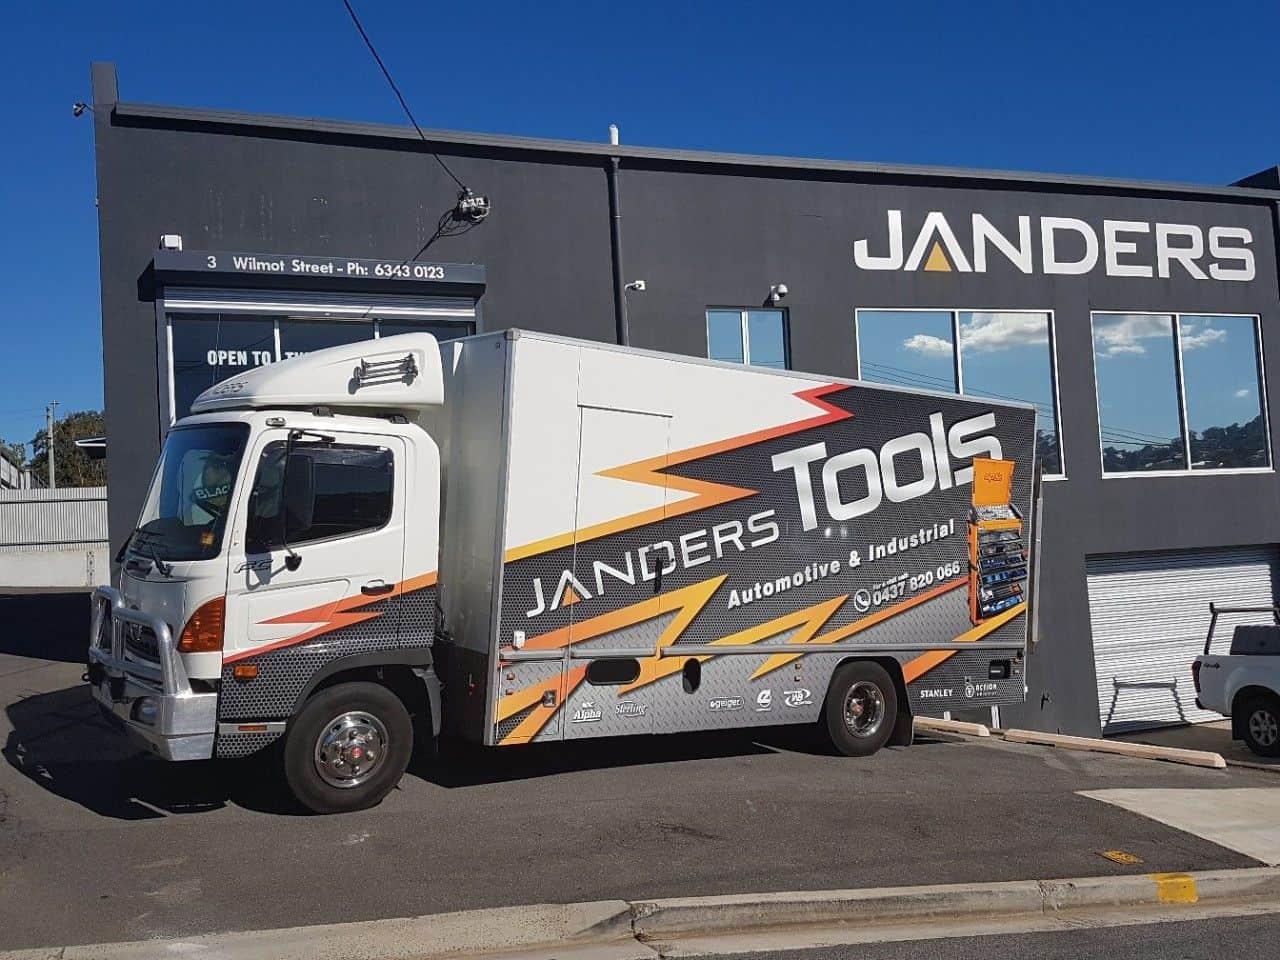 Janders Tool Truck Launceston -Janders Group